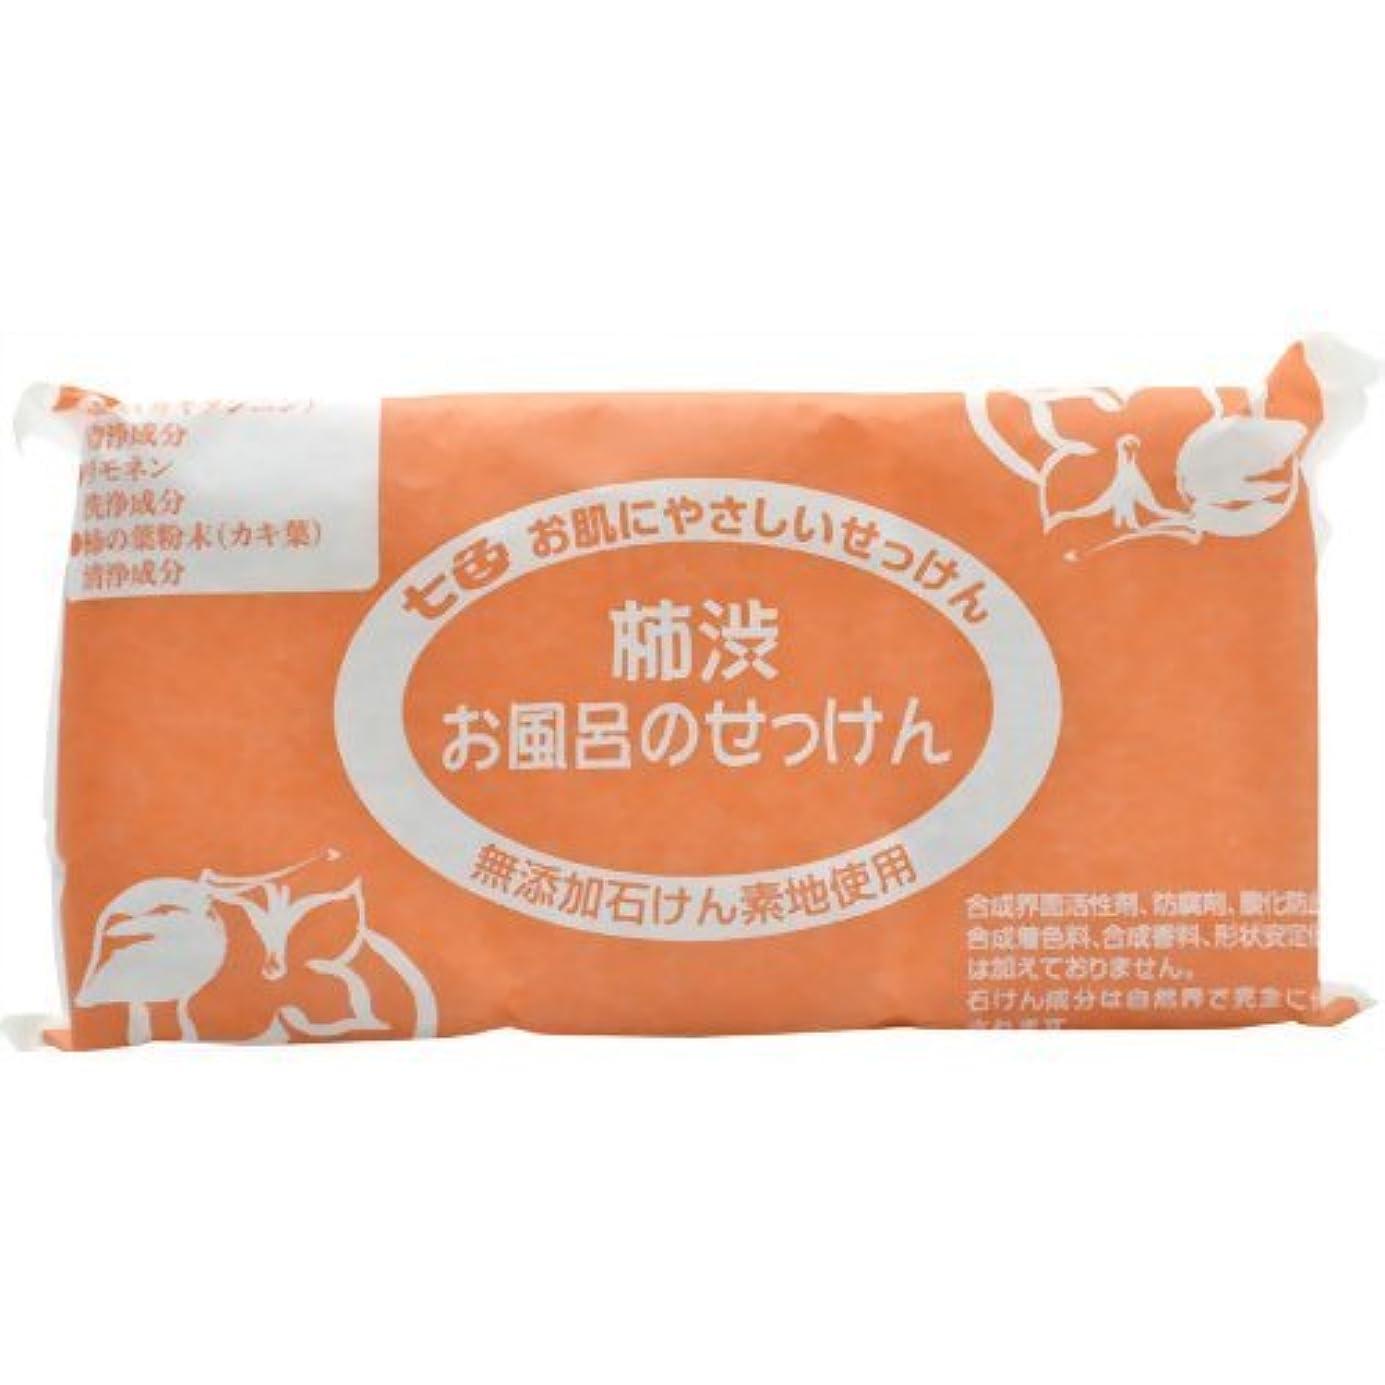 征服落ち着かない省略する七色 お風呂のせっけん 柿渋(無添加石鹸) 100g×3個入